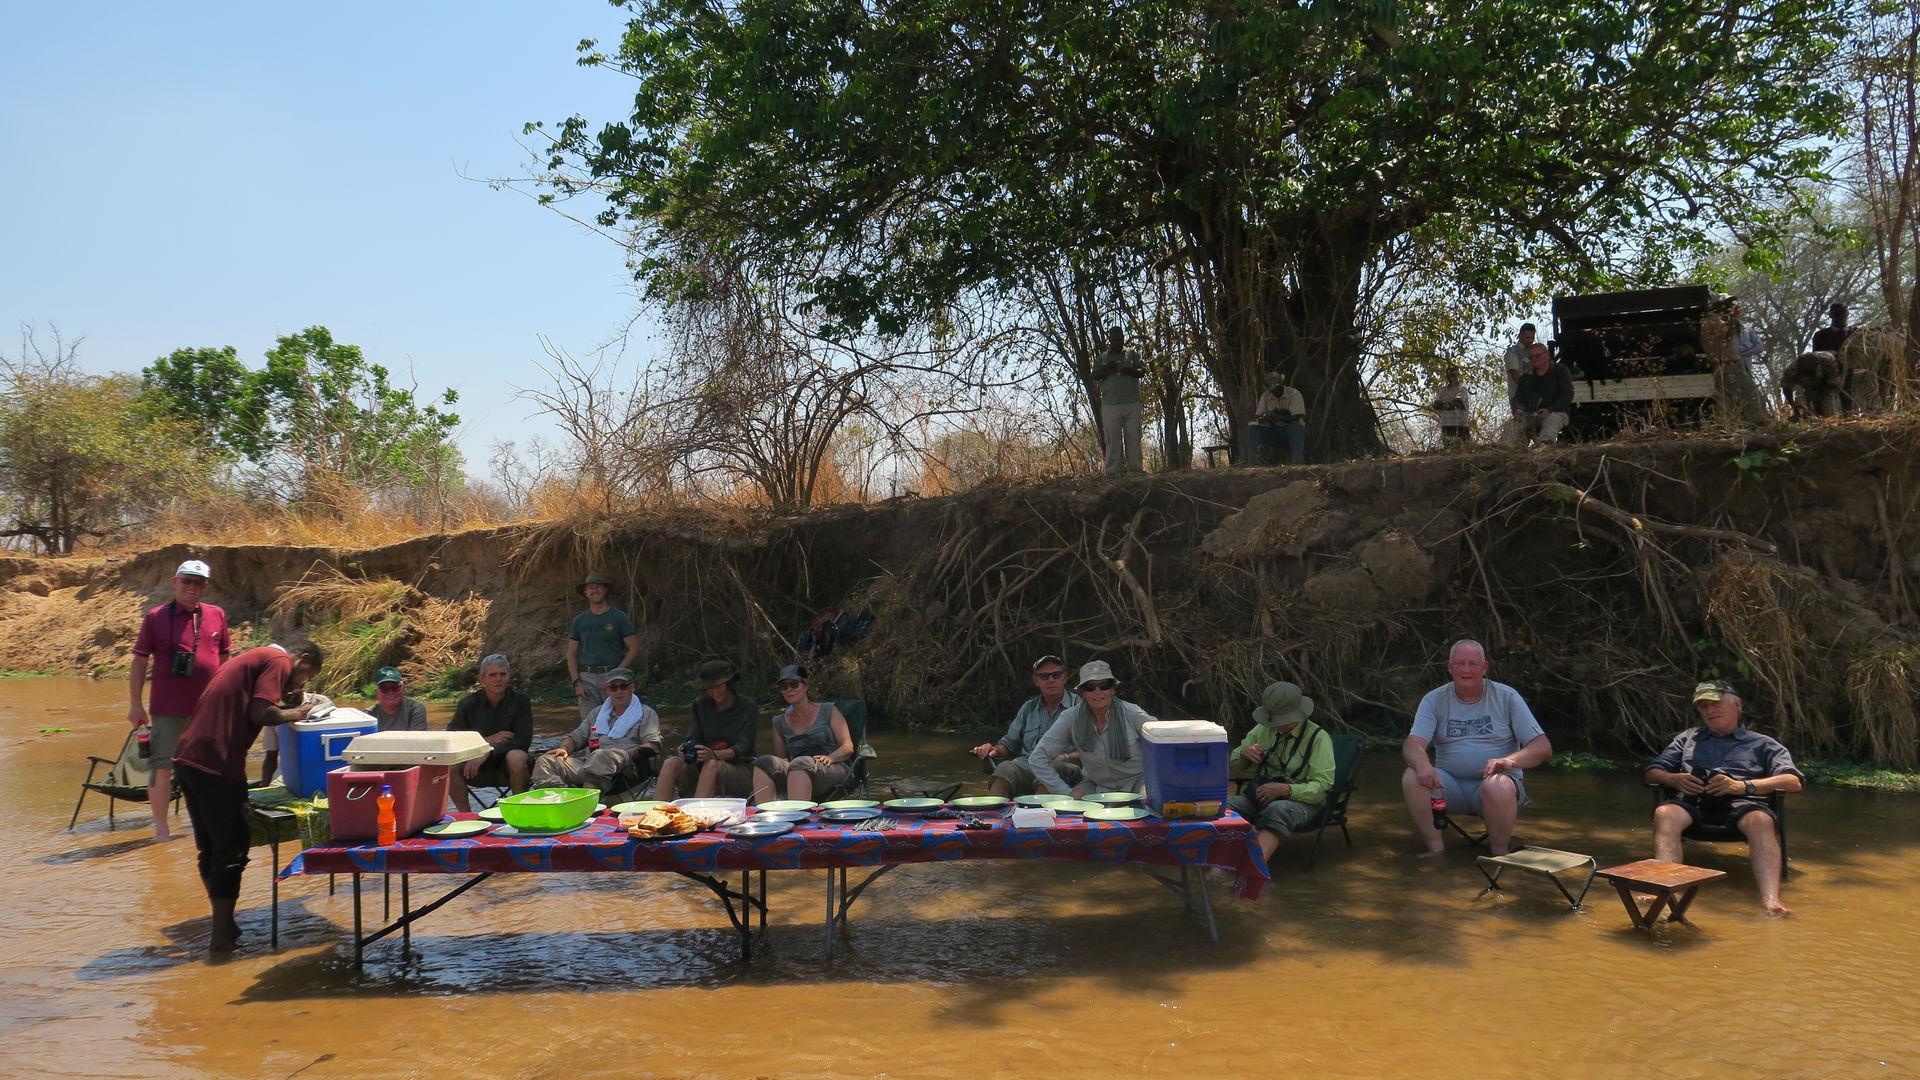 Beste reistijd Zambia - Weer, klimaat & regenseizoen informatie